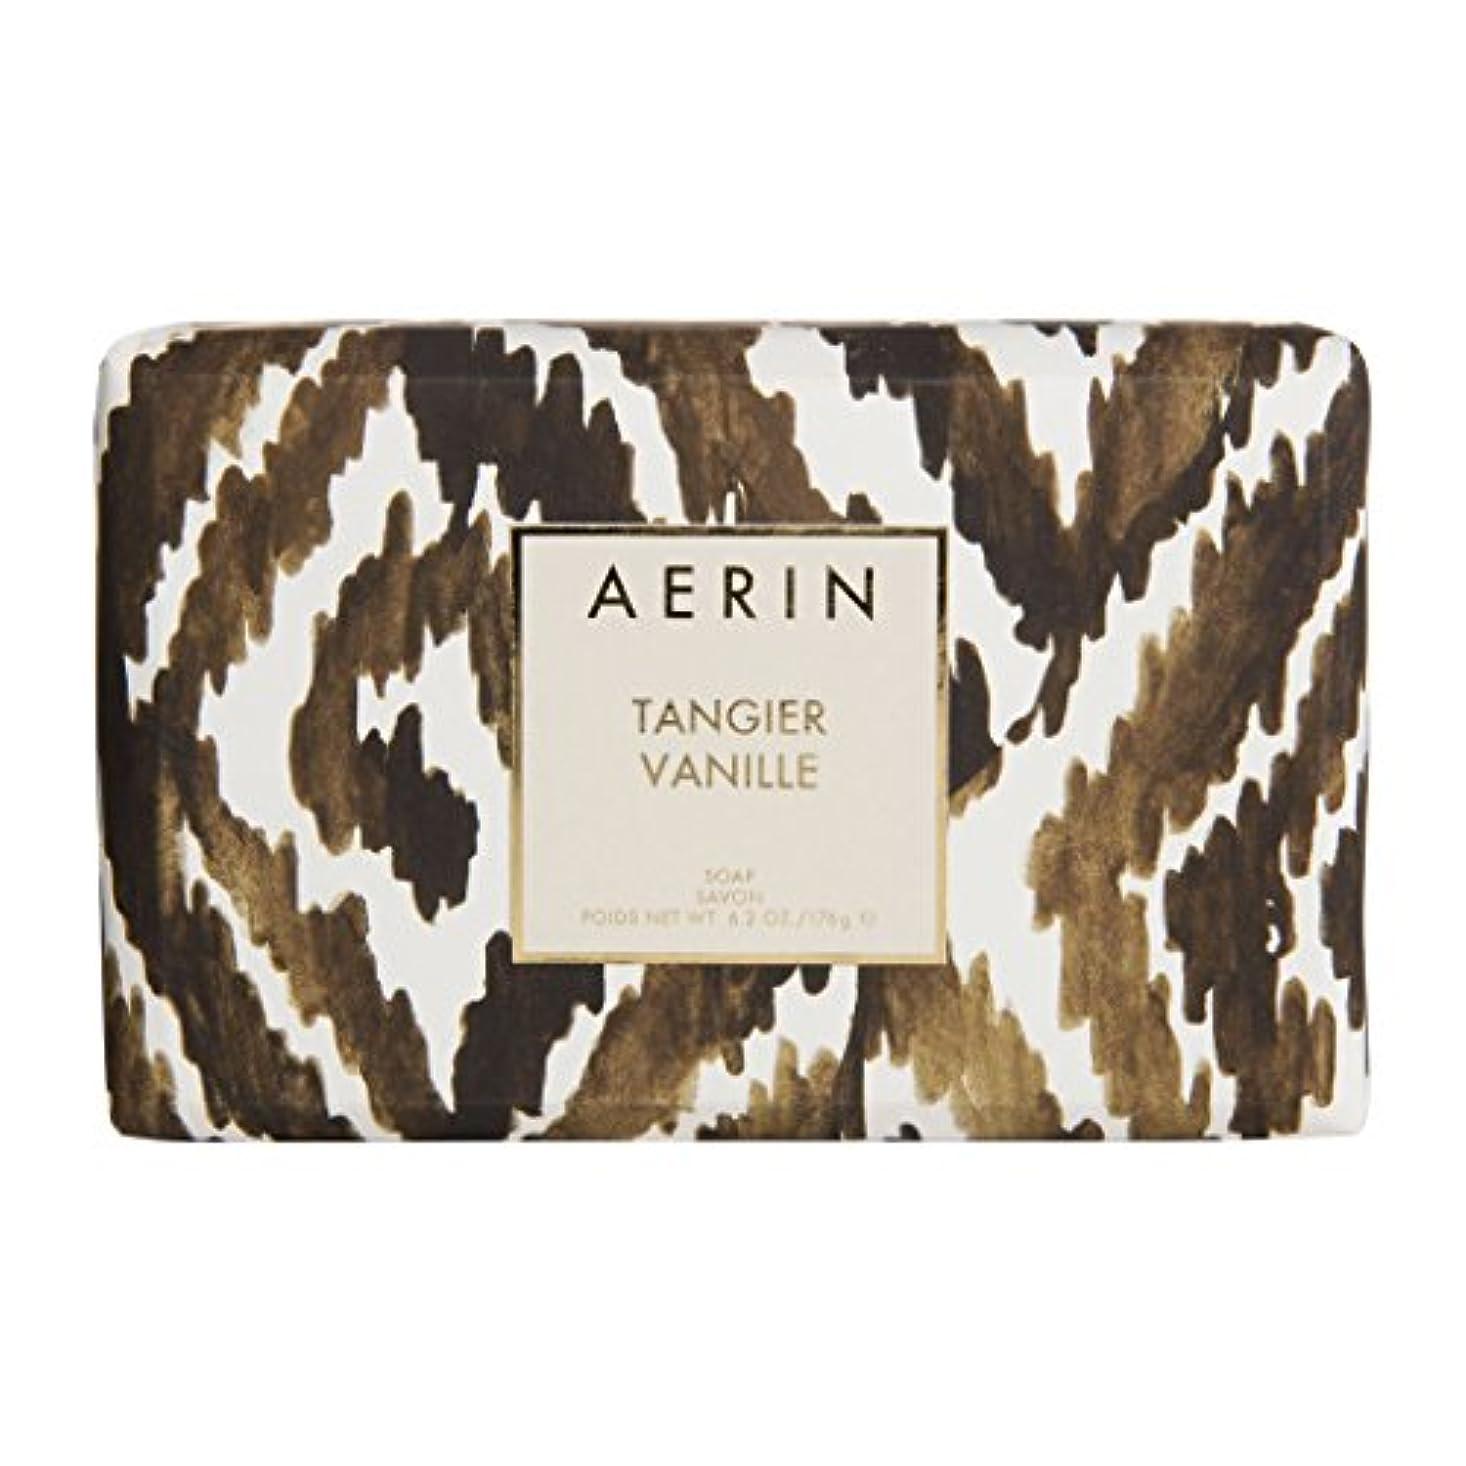 メジャー求人にんじんAERIN Tangier Vanille (アエリン タンジヤー バニール) 6.2 oz (186ml) Soap 固形石鹸 by Estee Lauder for Women